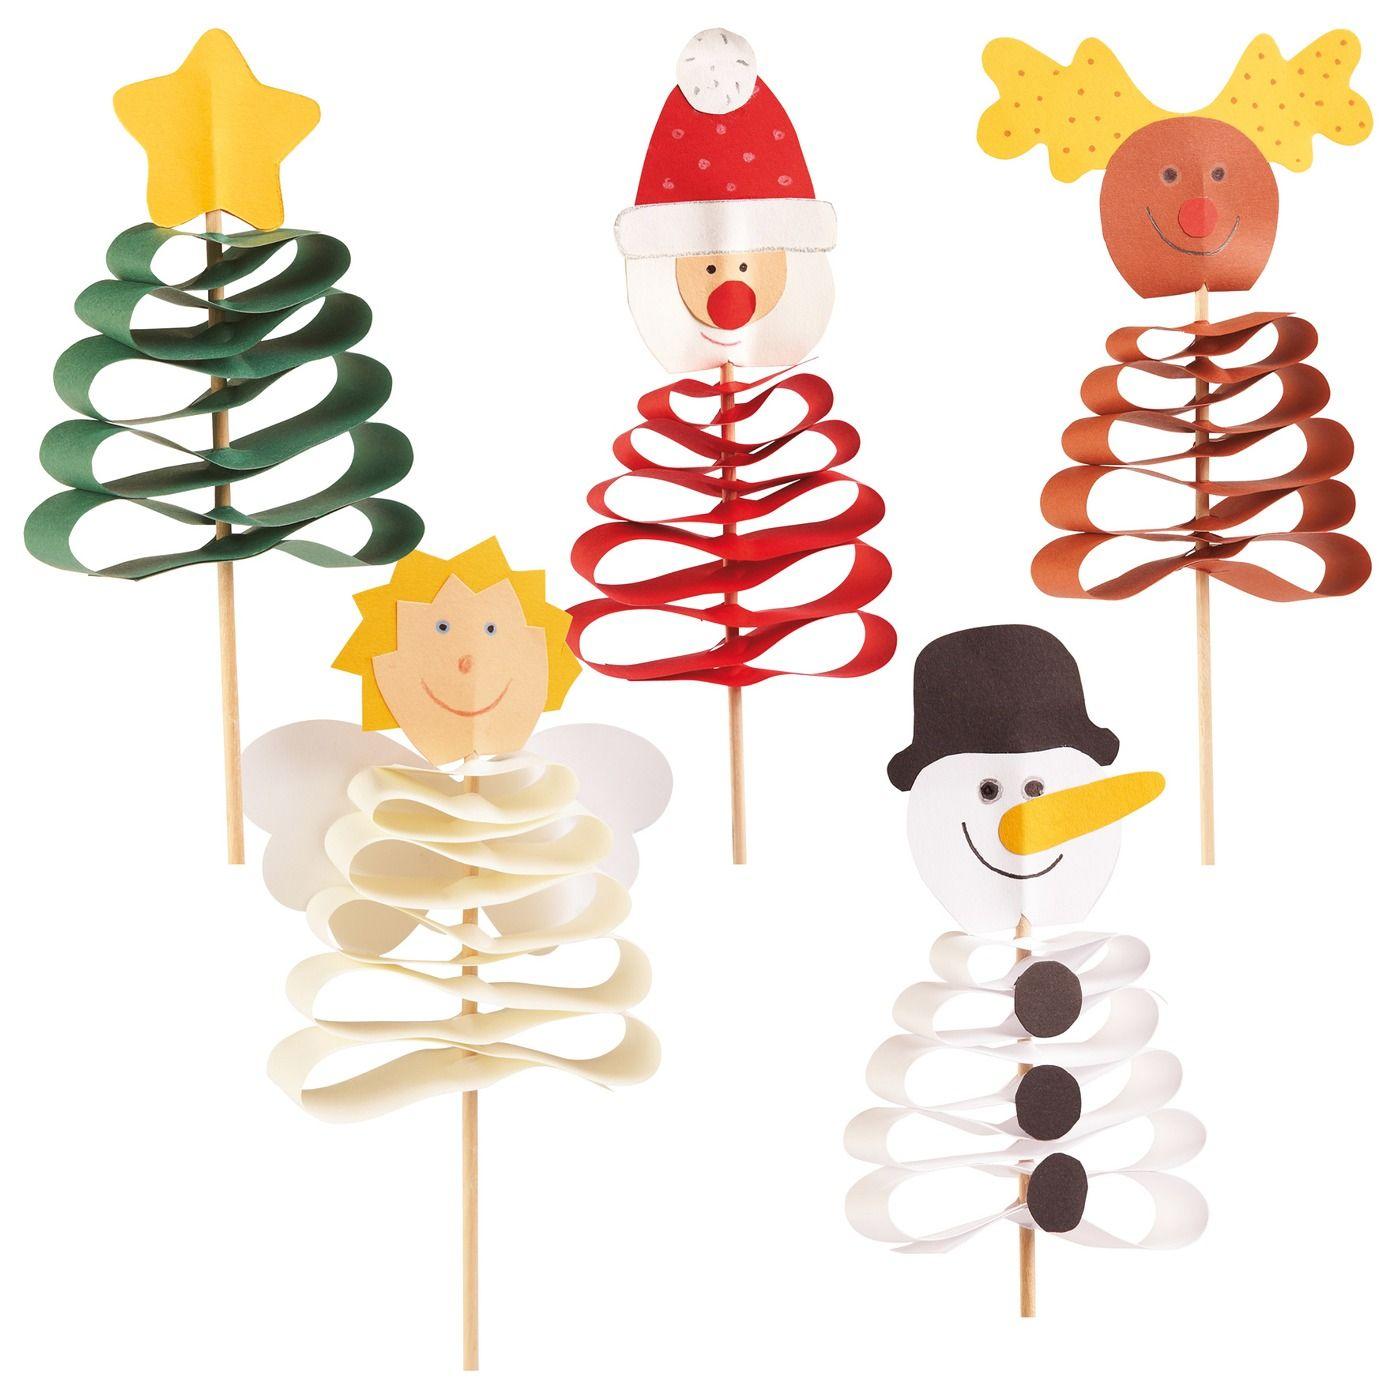 Sachenmacher wellenfiguren weihnachten bastelset fr 5 stck sachenmacher wellenfiguren weihnachten bastelset fr 5 stck cupcake paper craftscupcake jeuxipadfo Gallery